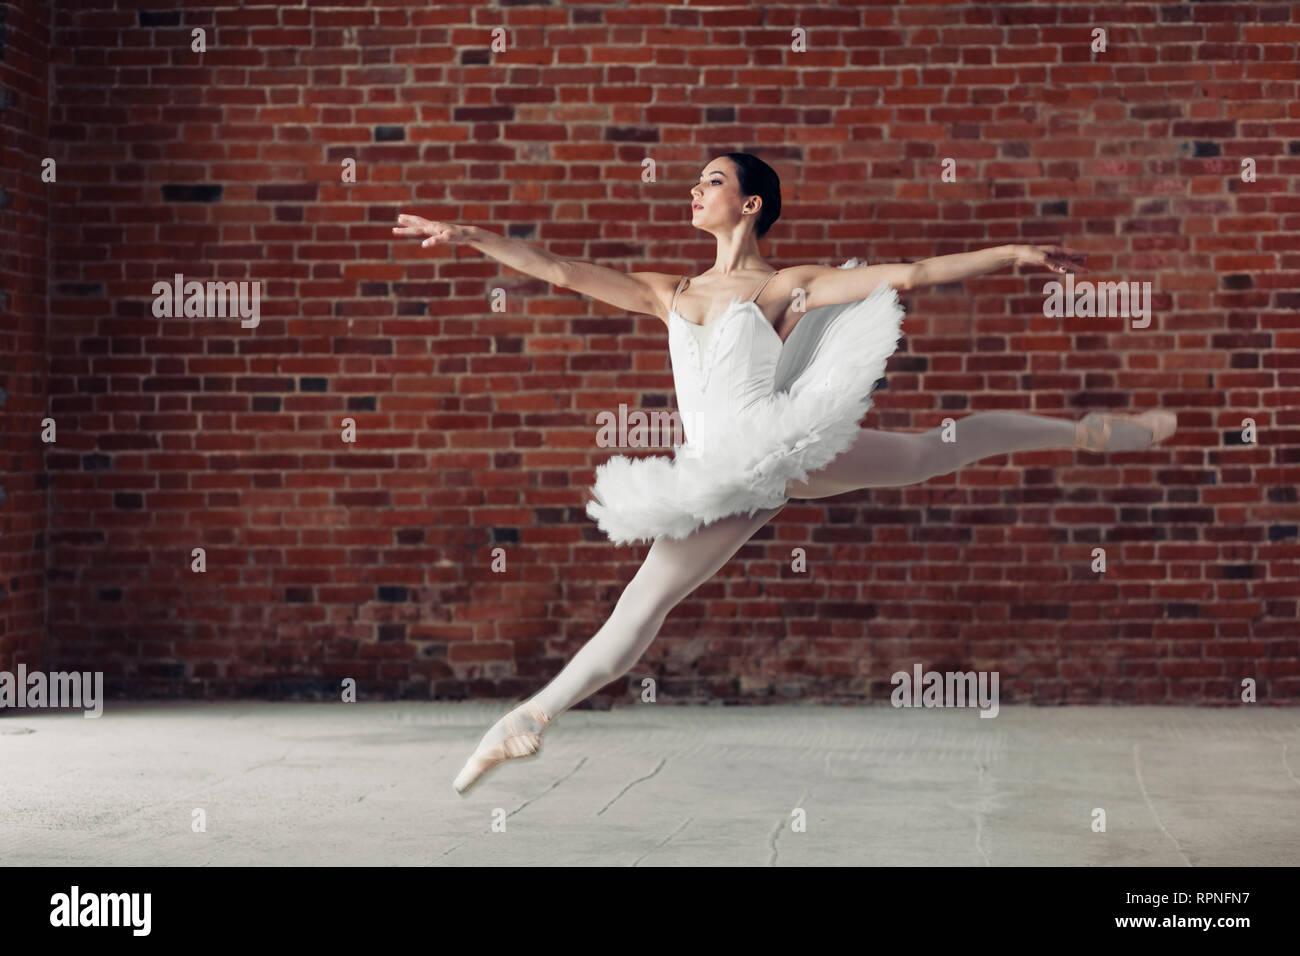 6074445533 Atractiva bailarina haciendo un salto